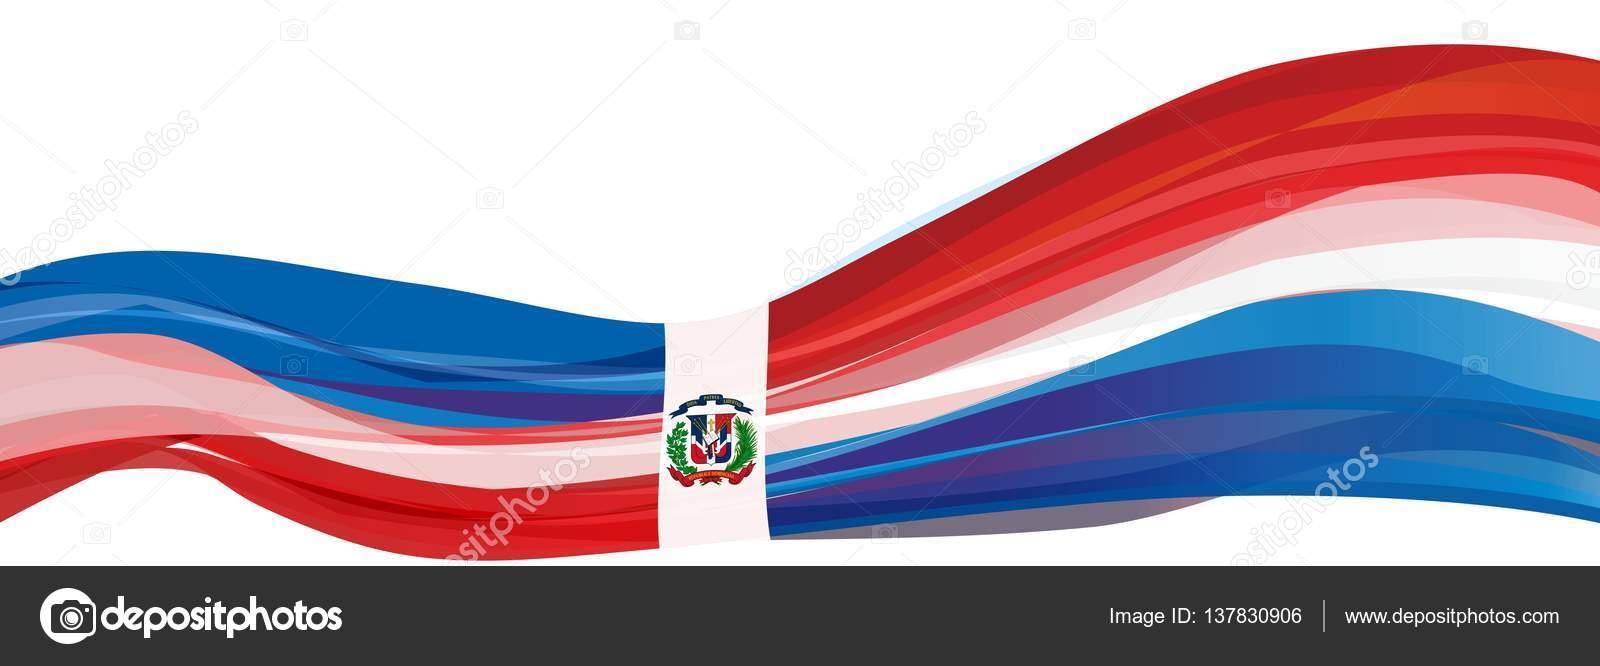 Blu Rosso Con Una Croce Bianca E Lemblema Della Bandiera Della